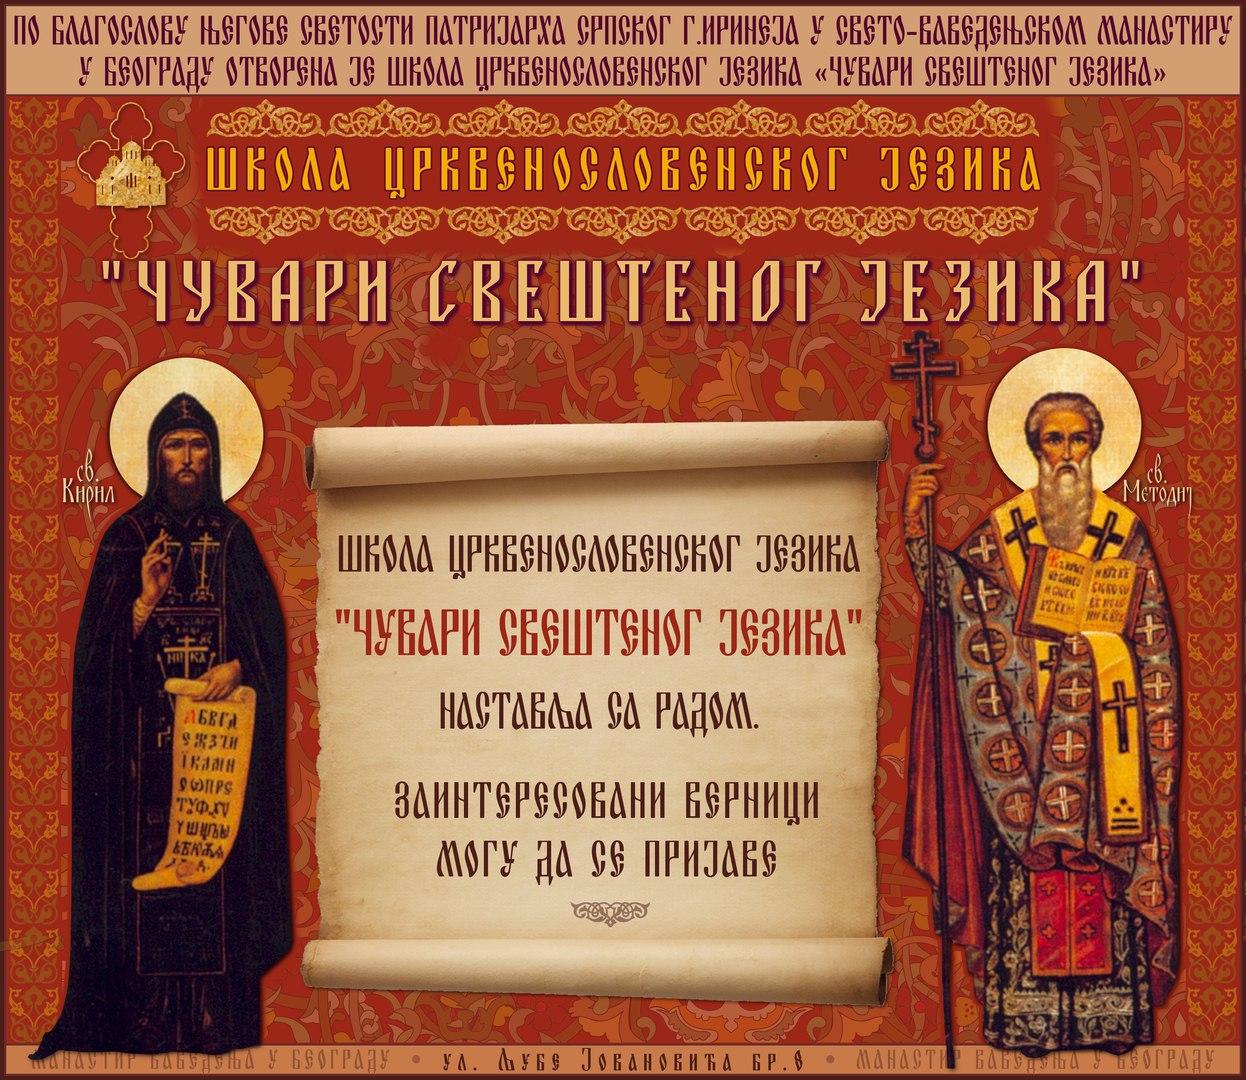 Школа црквенословенског језика